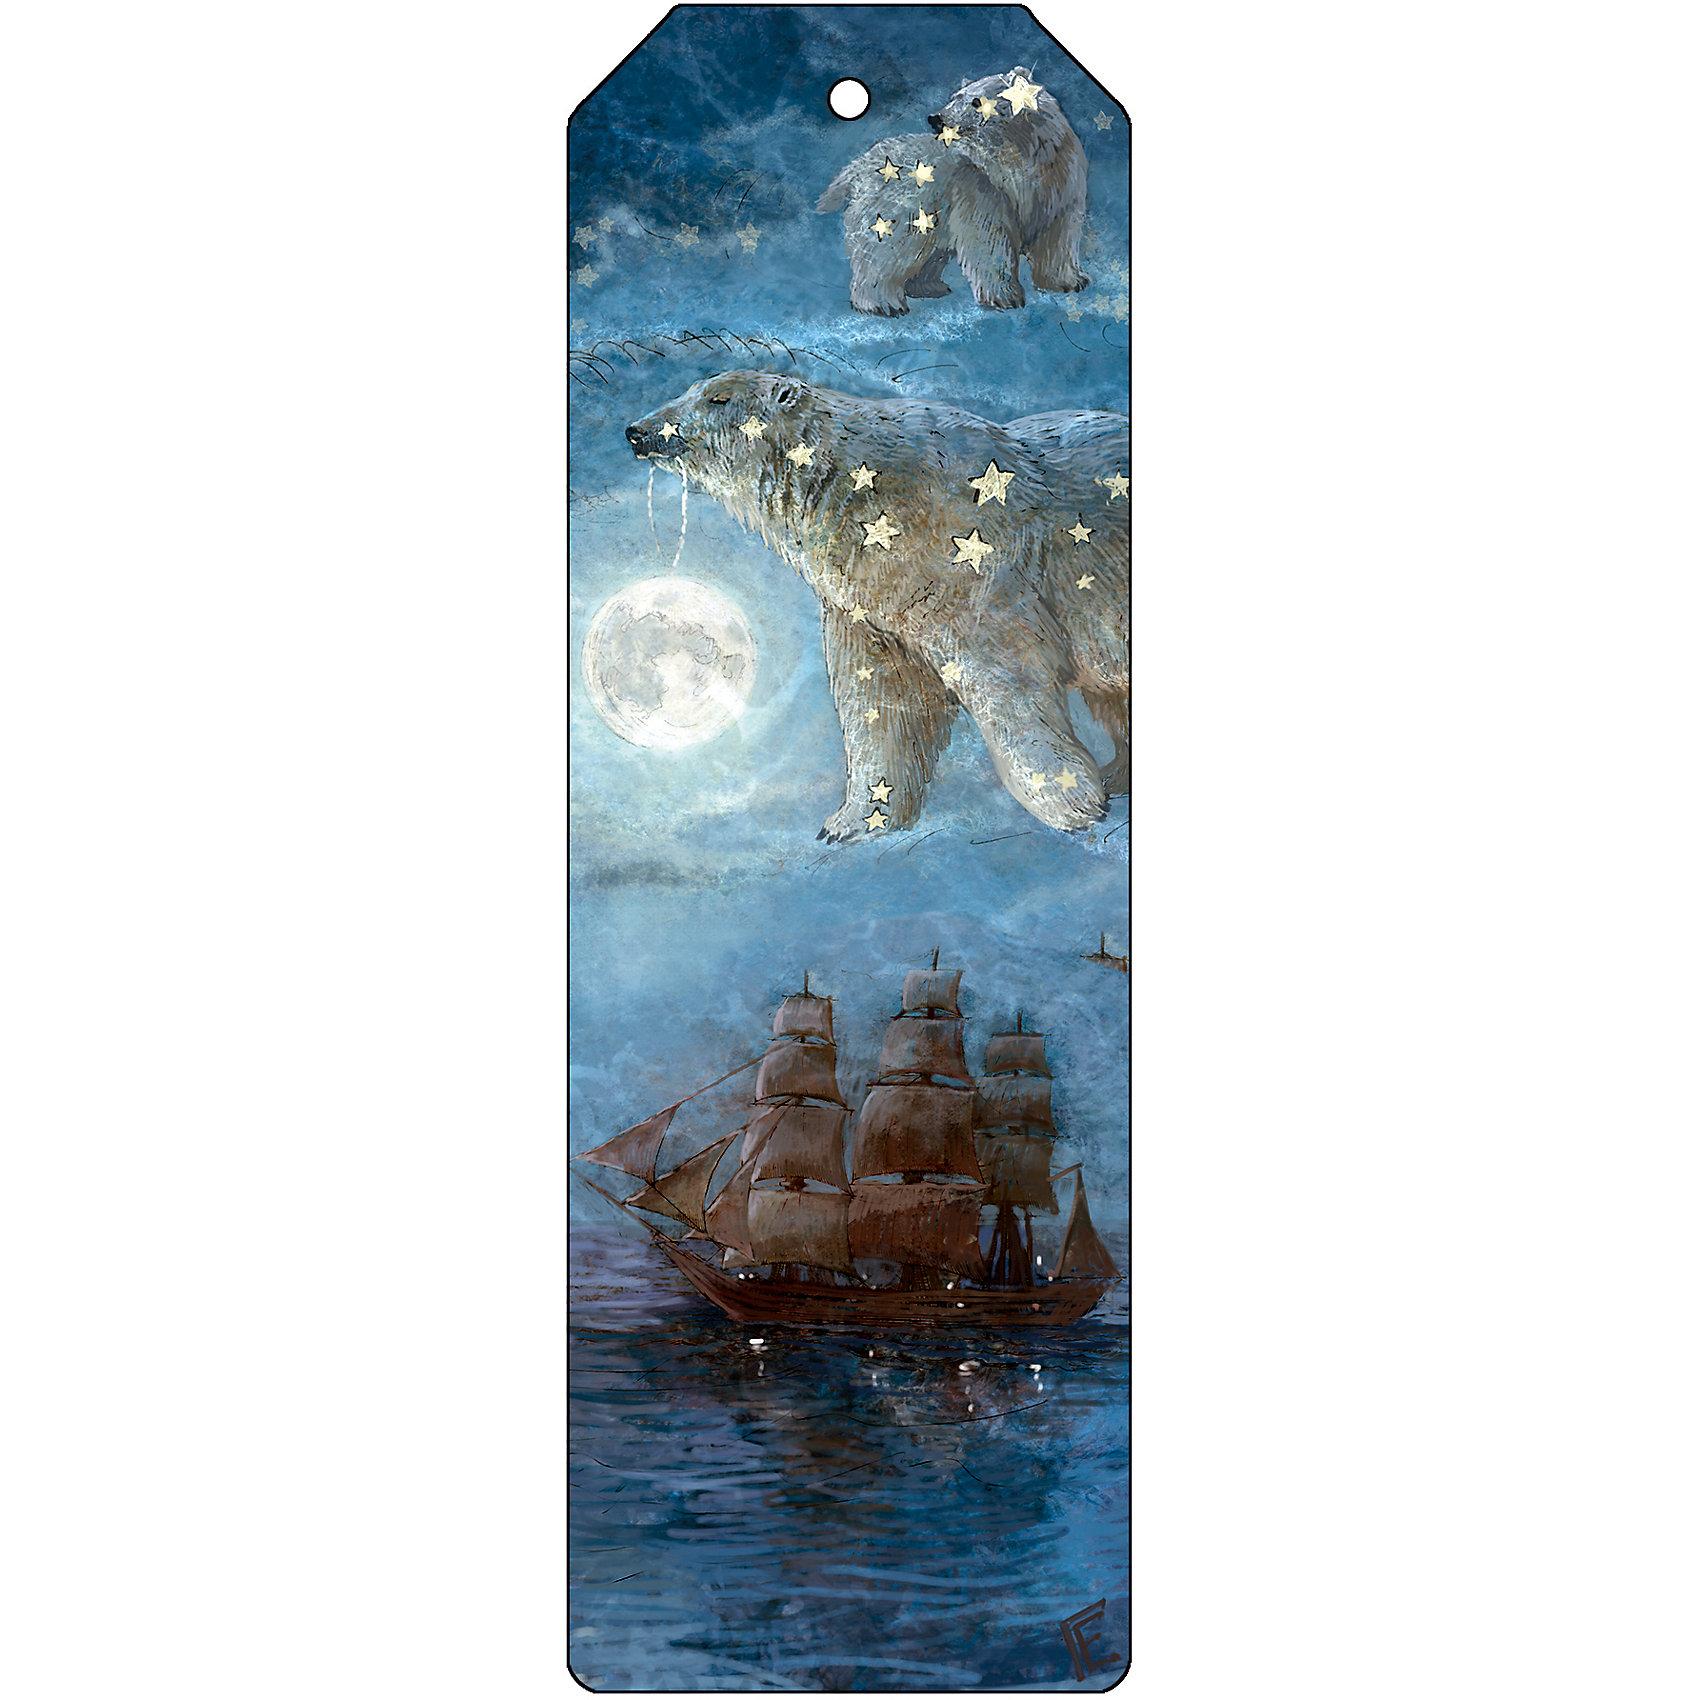 Закладка для книг декоративная Большая медведицаШкольные аксессуары<br>Характеристики декоративной закладки для книг Большая медведица:<br><br>• тип: закладка<br>• материал: металл<br>• длина:15 см<br>• размеры: 19 x 6 x 0.5 см <br>• упаковка: пакет<br>• вес в упаковке, 45 г<br>• страна-изготовитель: Китай<br><br>Закладка декоративная Большая медведица размером 5x15 см выполнена из черного окрашенного металла с ярким оригинальным дизайном. Изделие не выскальзывает из книги, не мнется и не затирается со временем. Закладка поможет быстро отыскать нужную страницу, станет прекрасным подарком всем любителям книг.<br><br>Декоративную закладку для книг Большая медведица можно купить в нашем интернет-магазине.<br><br>Ширина мм: 150<br>Глубина мм: 50<br>Высота мм: 10<br>Вес г: 31<br>Возраст от месяцев: 48<br>Возраст до месяцев: 144<br>Пол: Унисекс<br>Возраст: Детский<br>SKU: 5479436